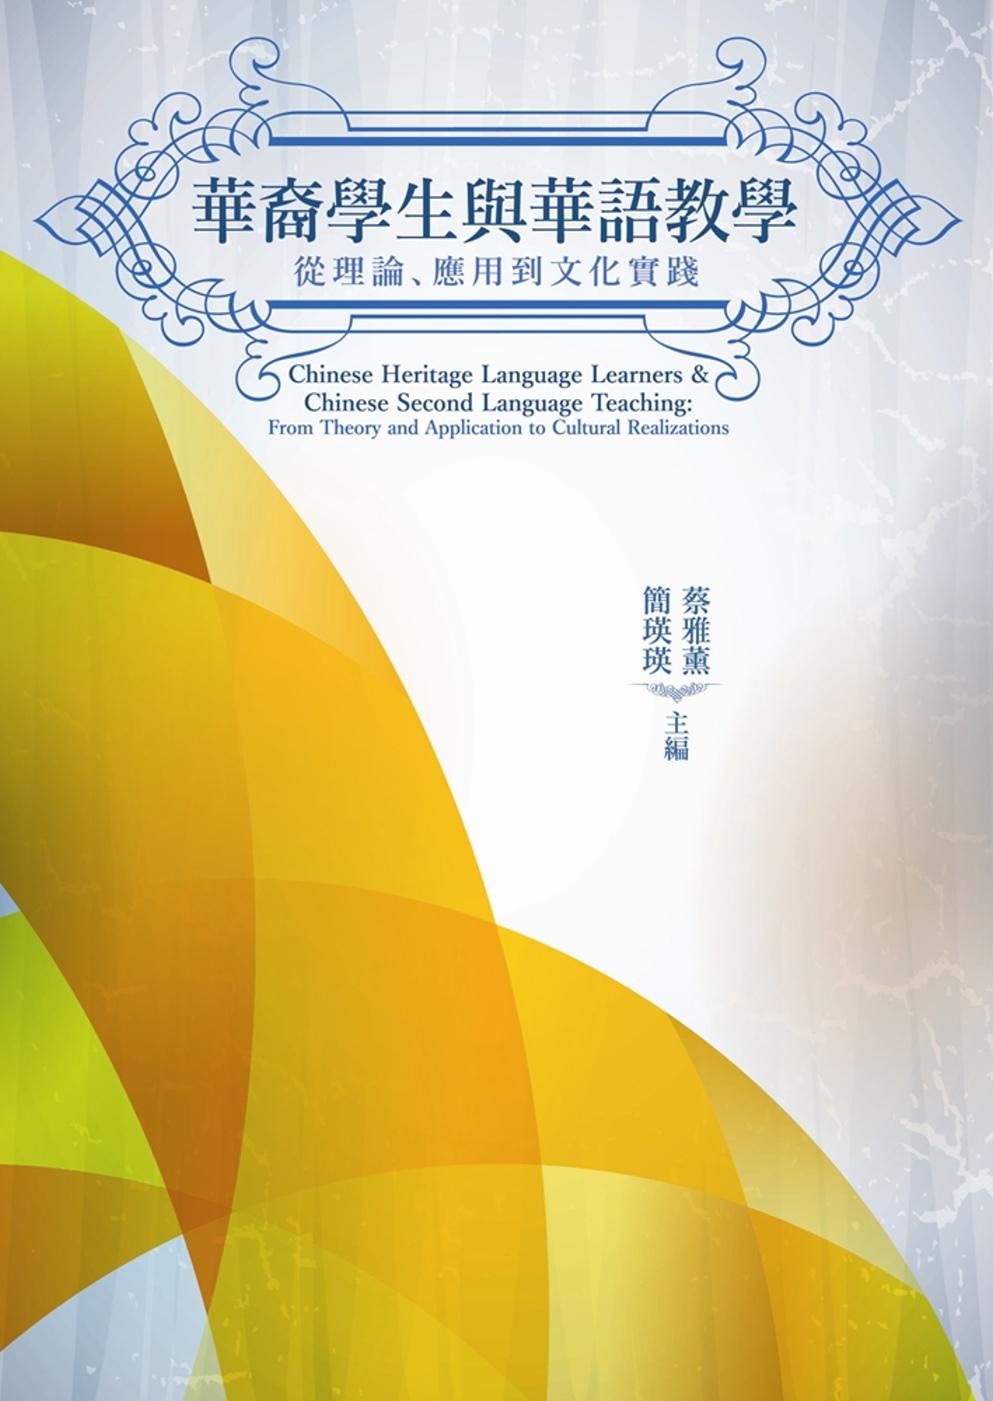 華裔學生與華語教學:從理論、應用到文化實踐